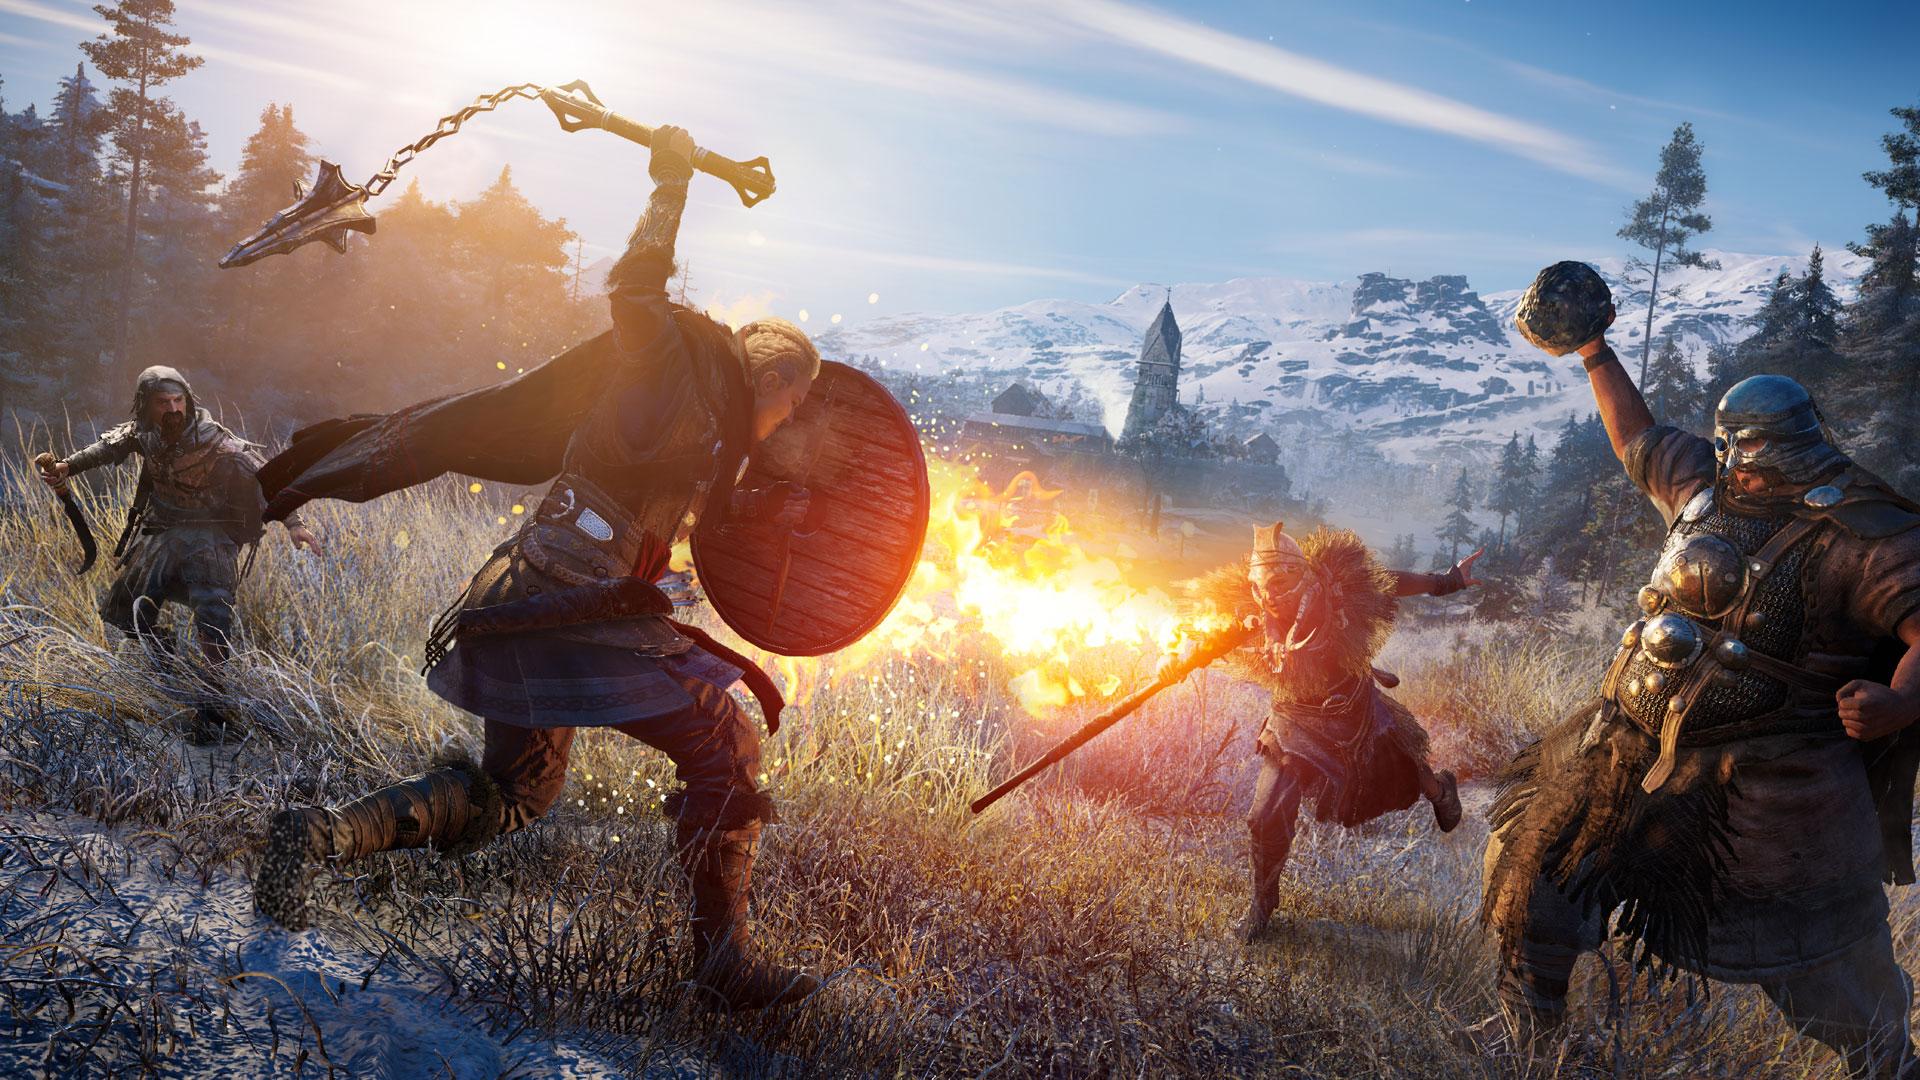 """Eivor Wolfsmal kämpft gegen feindliche Truppen. Ein Screenshot aus dem Spiel """"Assassins Creed Valhalla"""""""